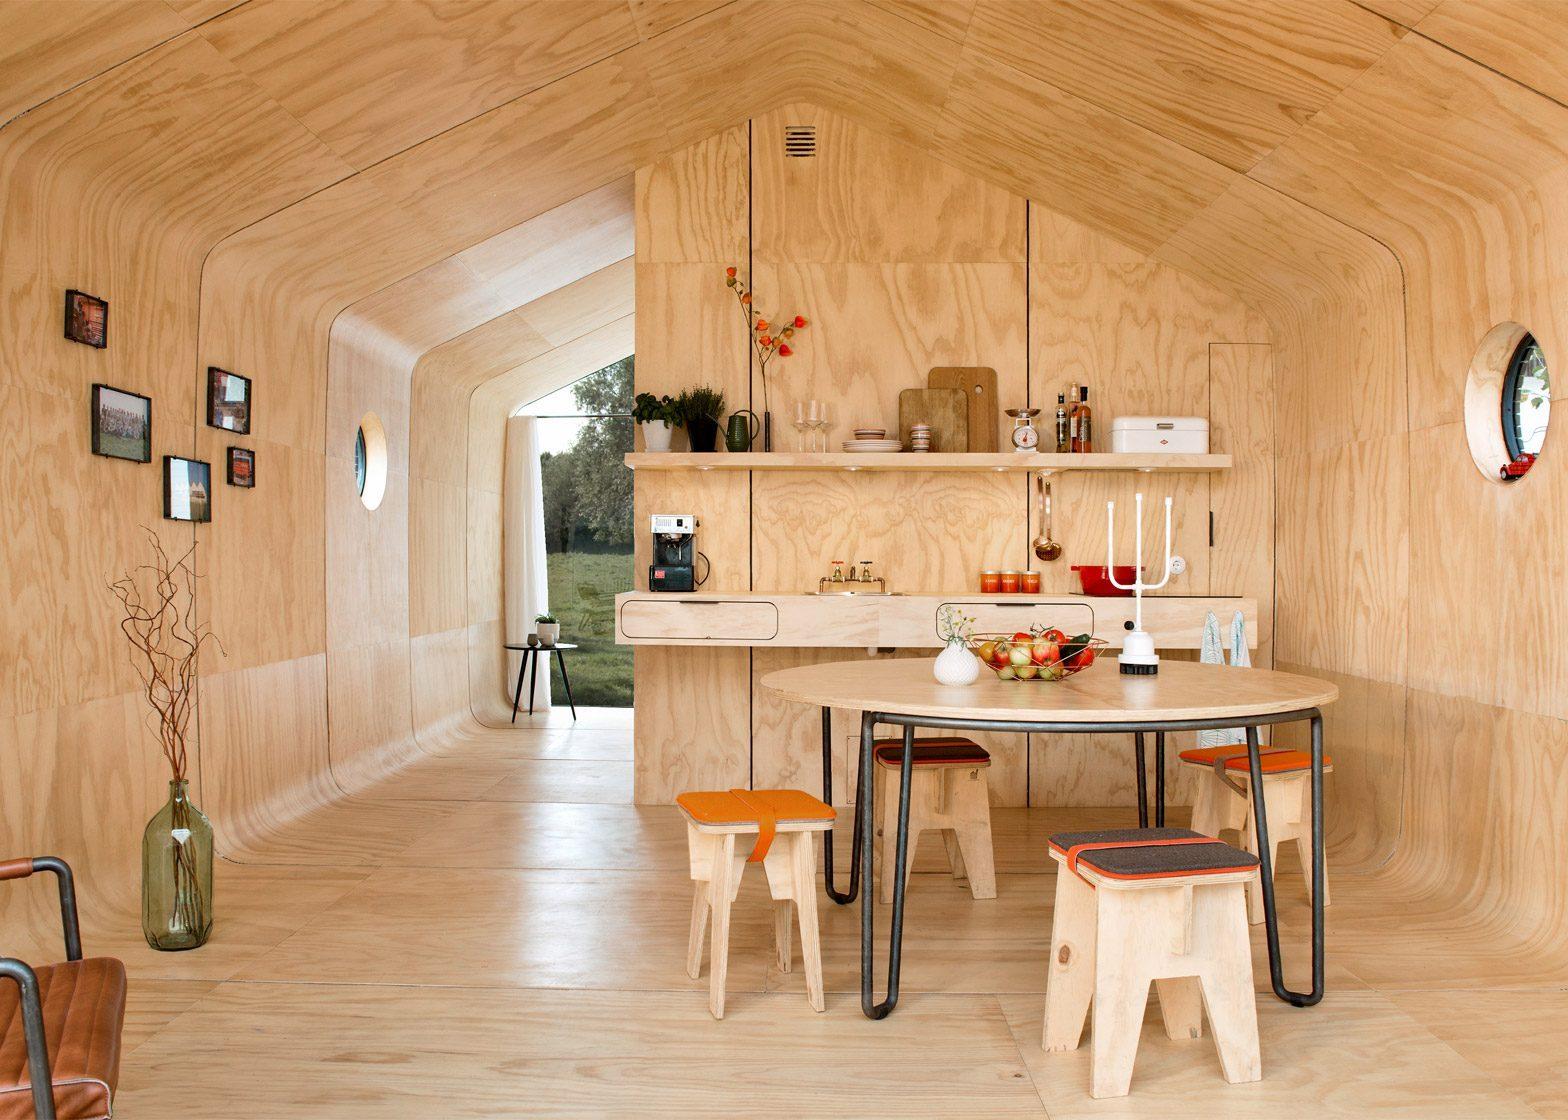 wikkelhouse-fiction-factory-modular-house-office-netherlands_dezeen_1568_5